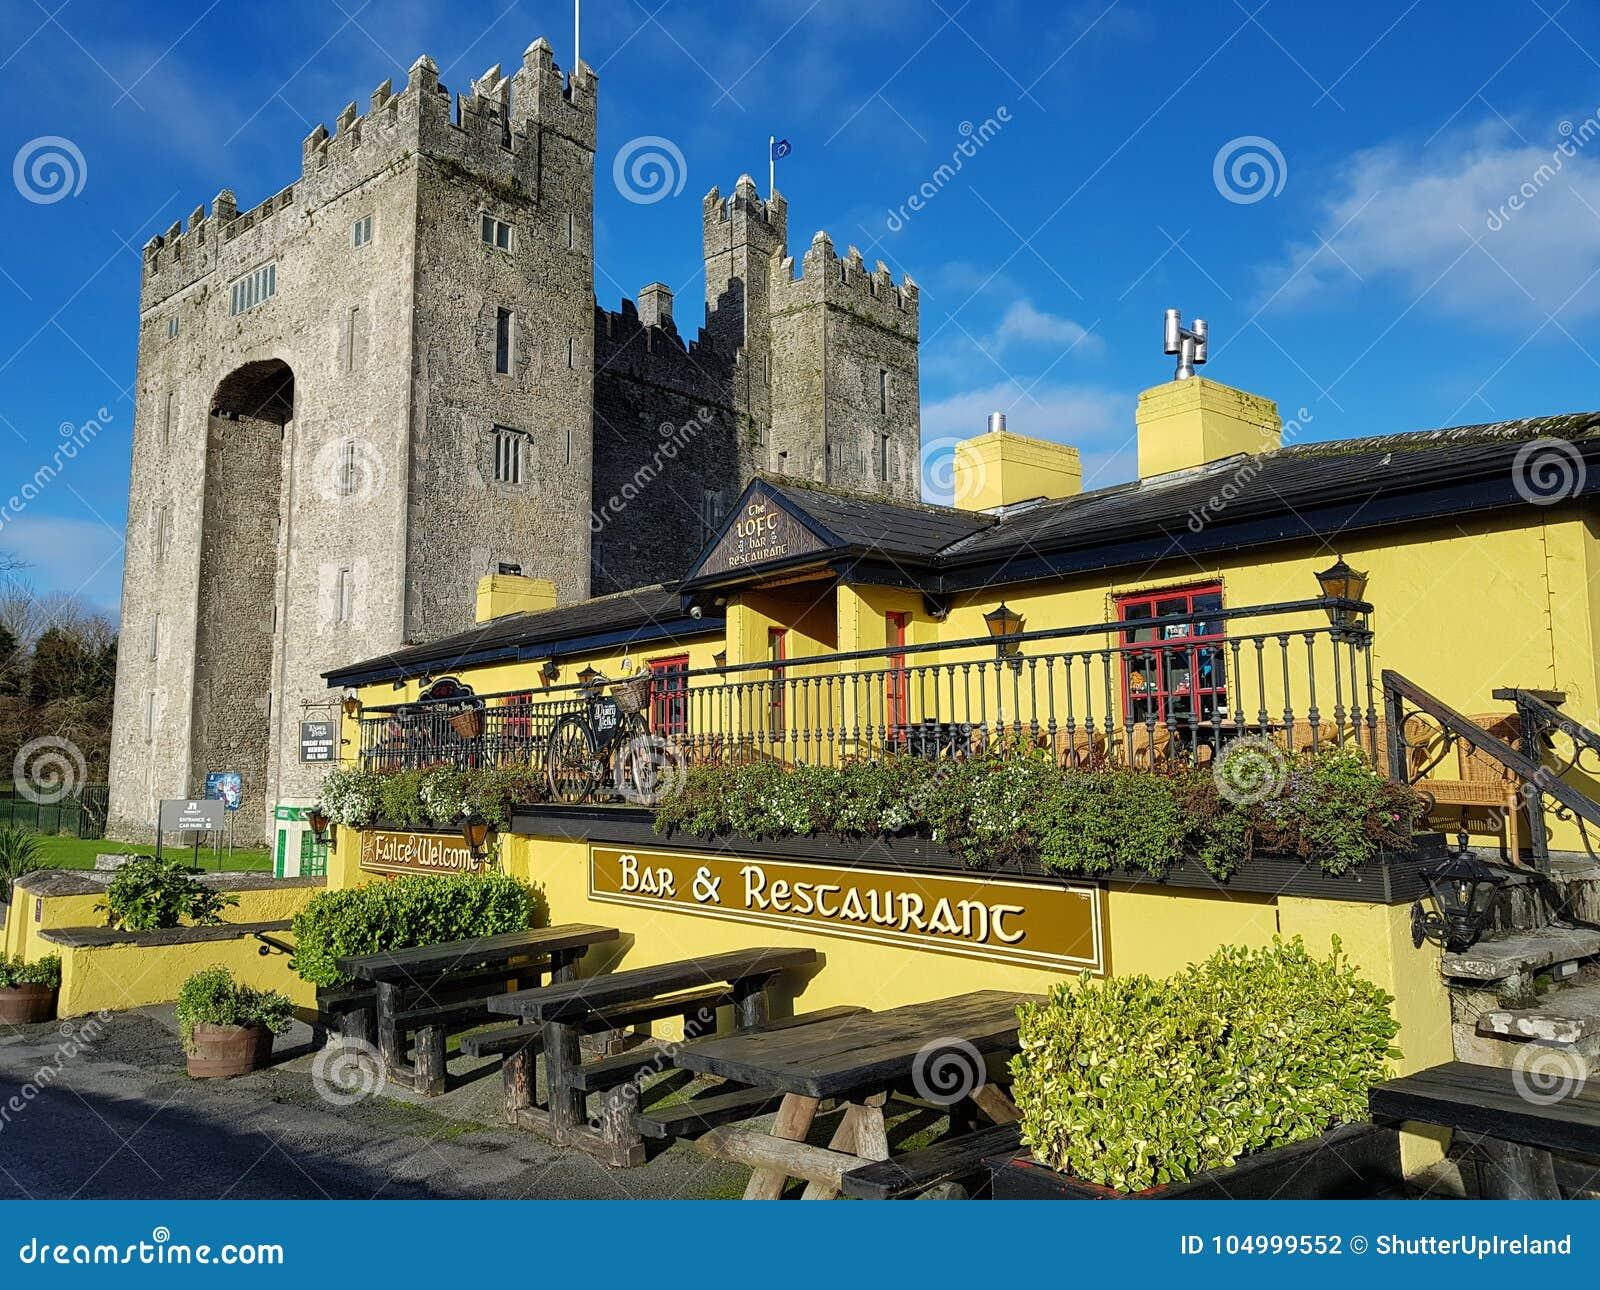 Irlanda - 30 de noviembre de 2017: Hermosa vista del ` s de Irlanda la mayoría del castillo famoso y del Pub irlandés en el conda